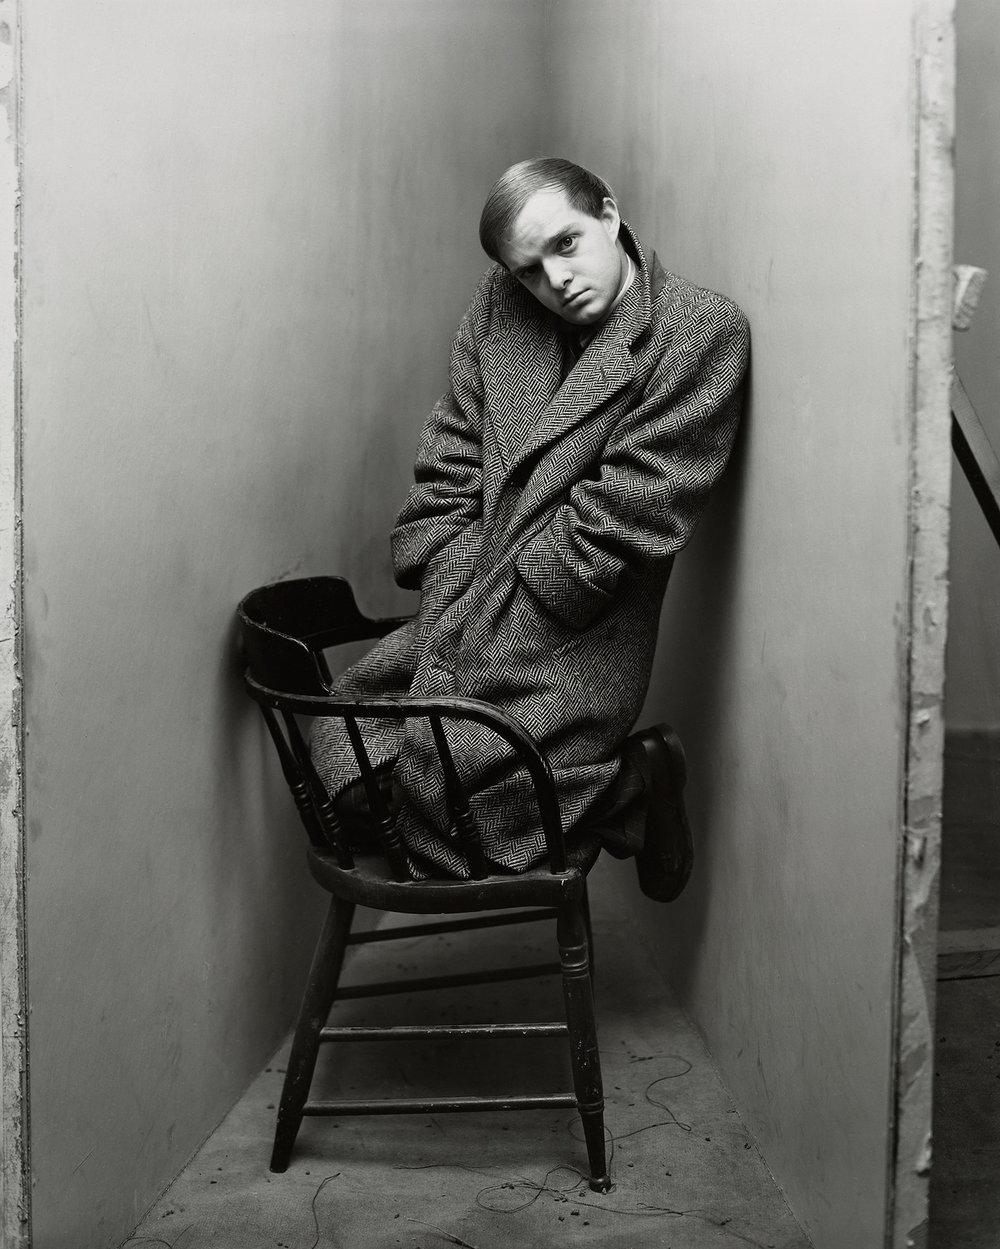 Irving Penn,  Truman Capote (1 of 4) , New York, 1948  ©  The Irving Penn Foundation